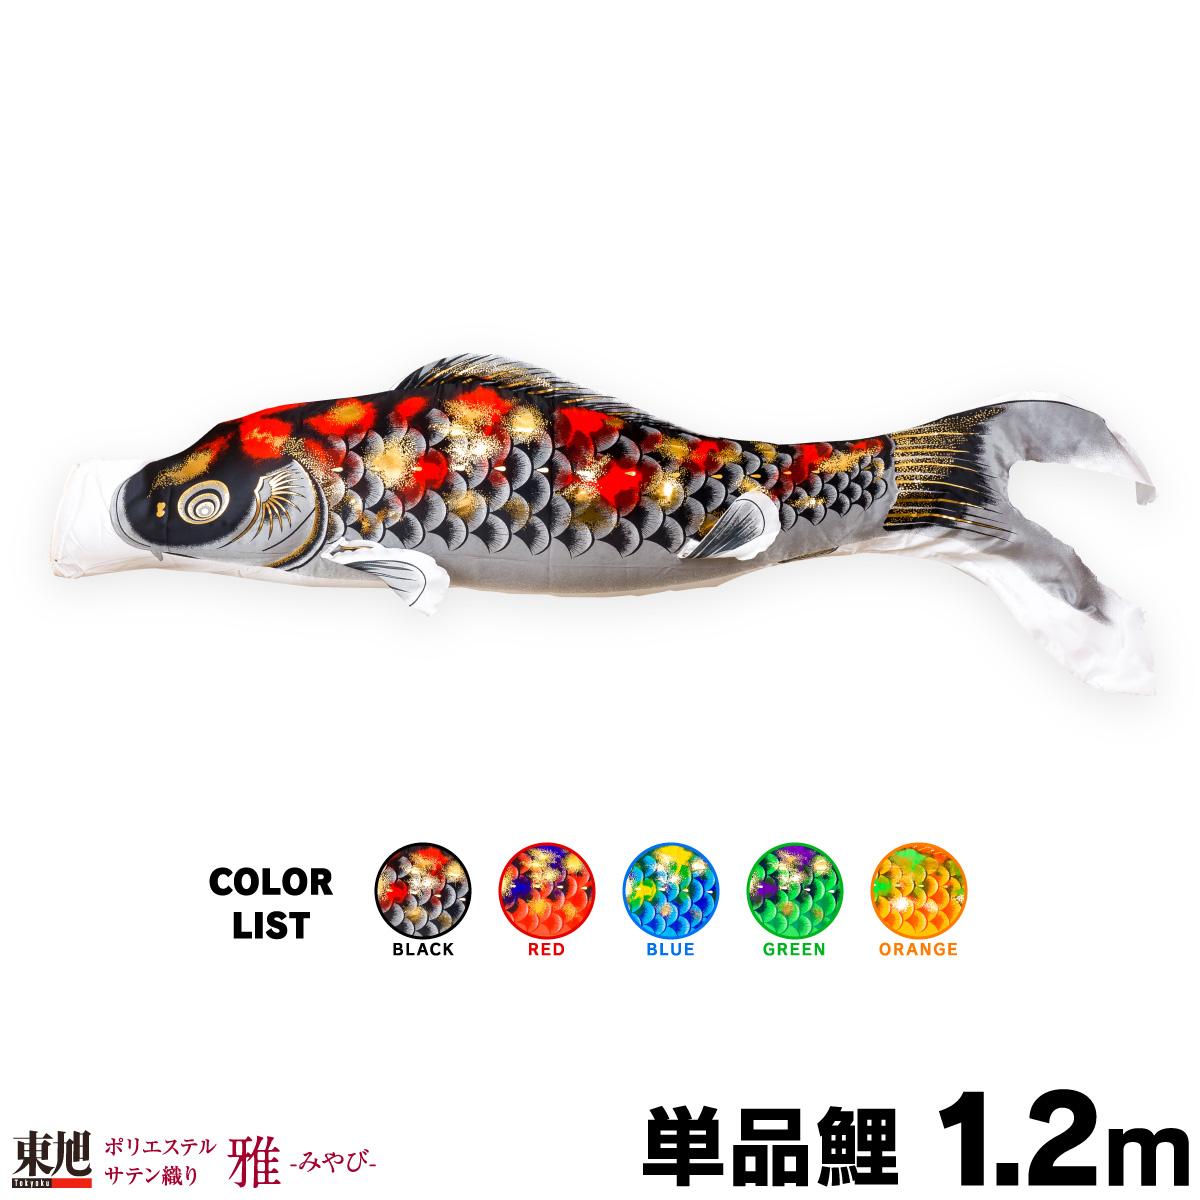 【こいのぼり 単品】 ポリエステルサテン織り 雅(みやび) 1.2m 単品鯉